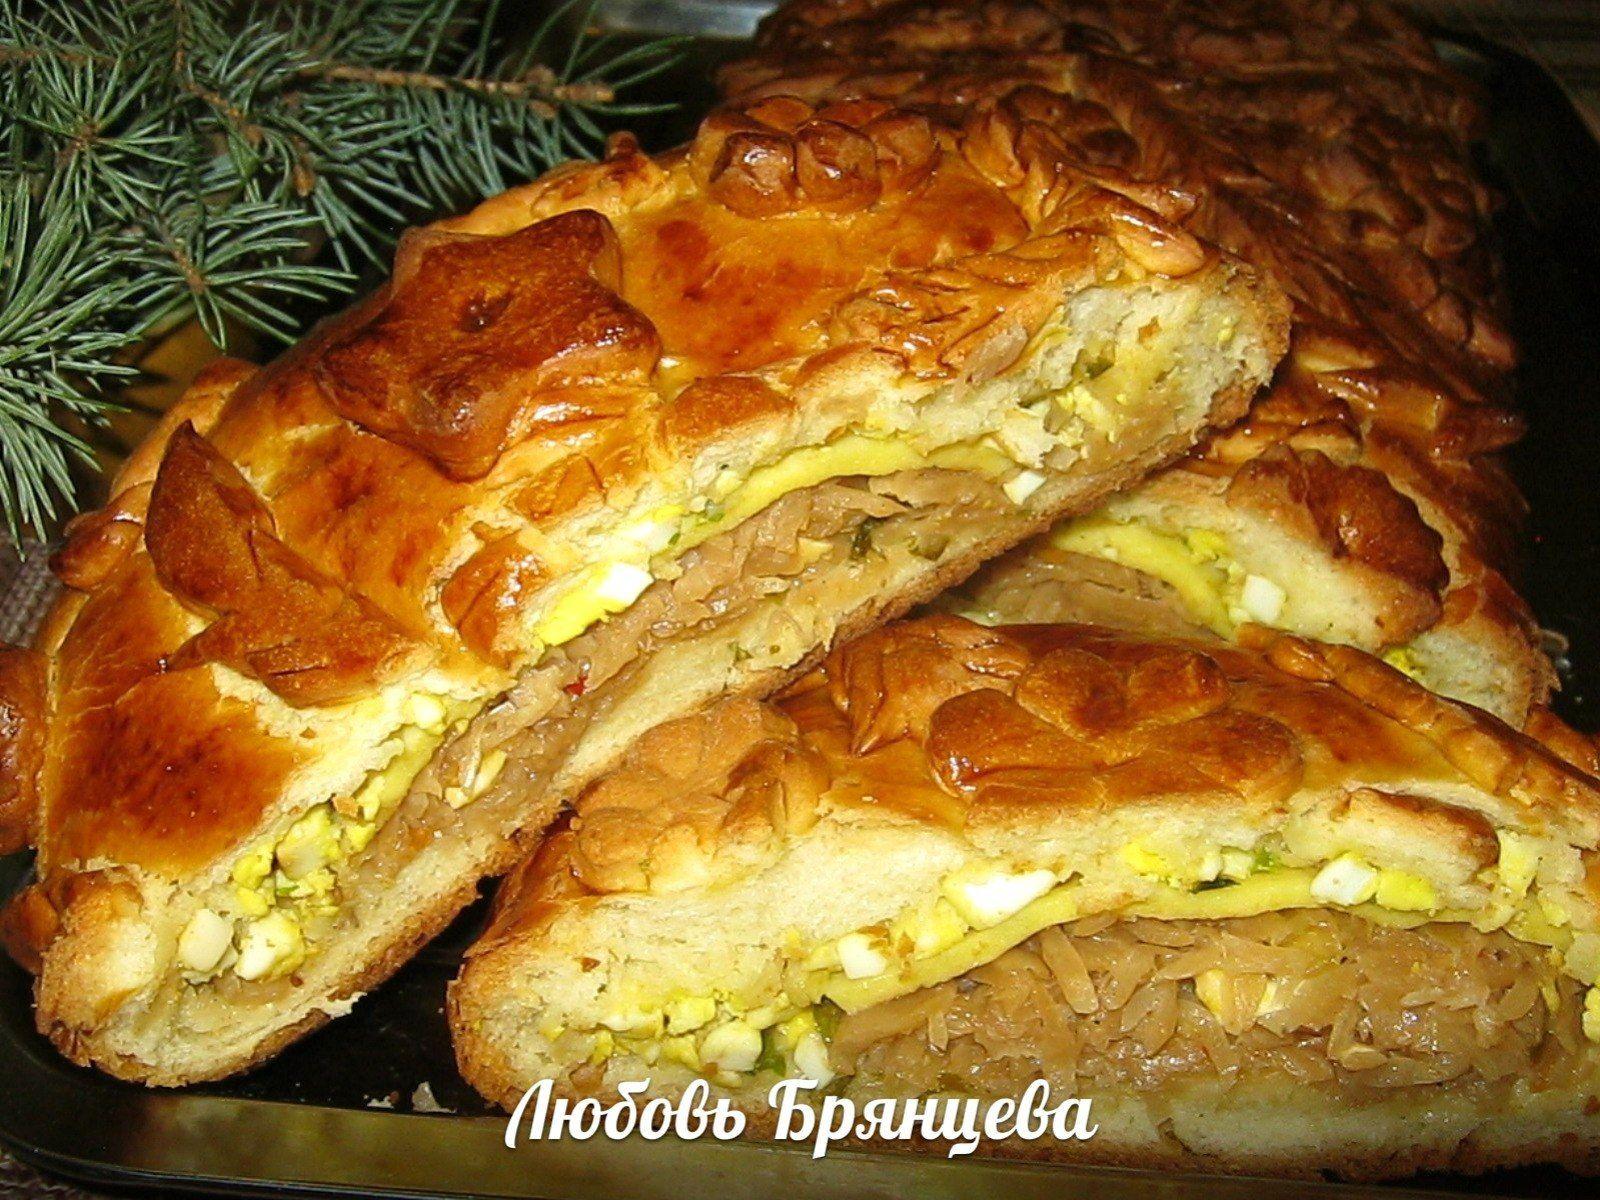 Кулебяка - пошаговые рецепты приготовления теста и начинки с фото